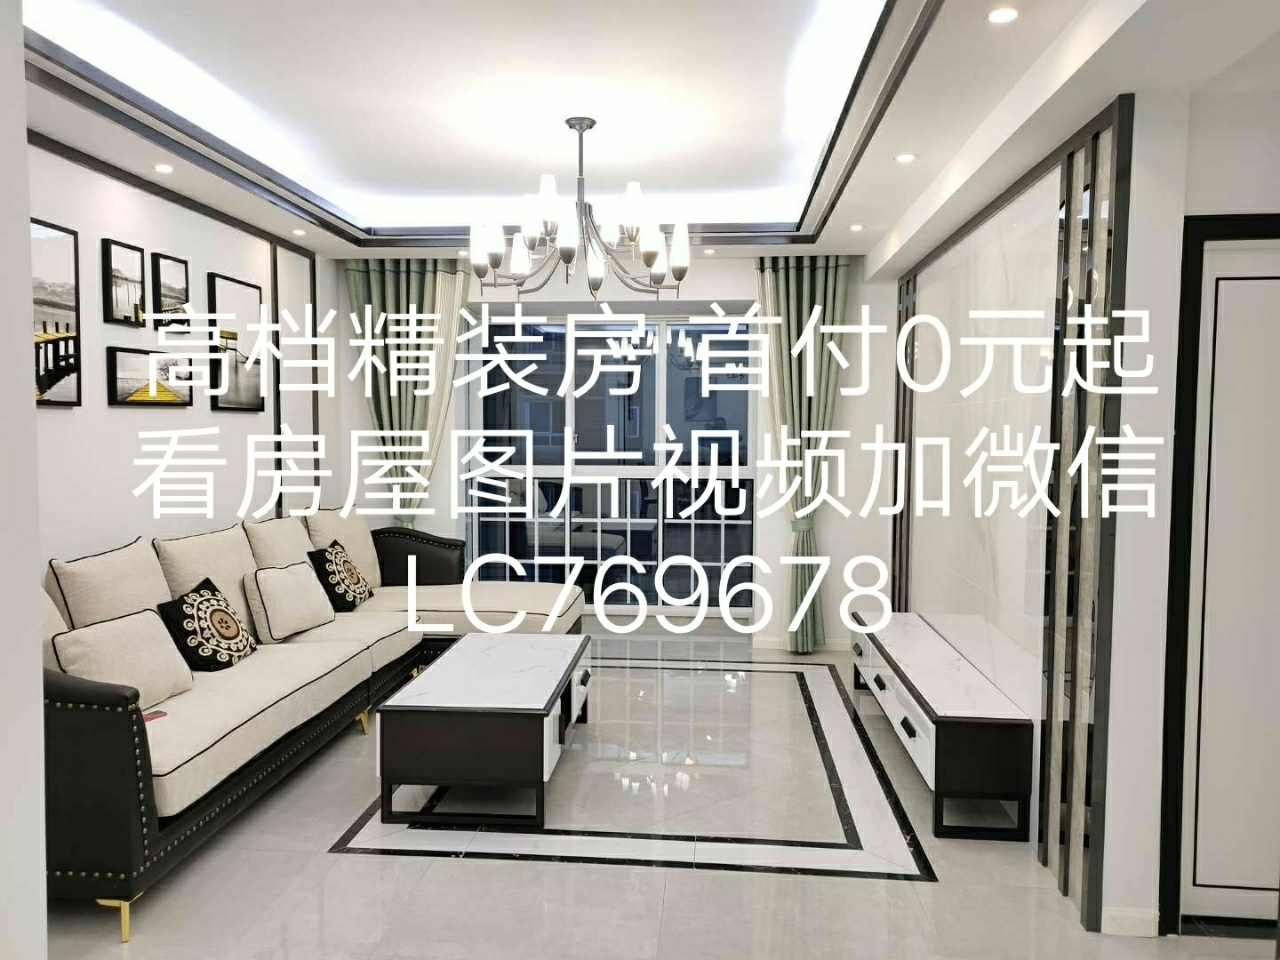 C196川源4室2厅2卫23楼豪装130平102万